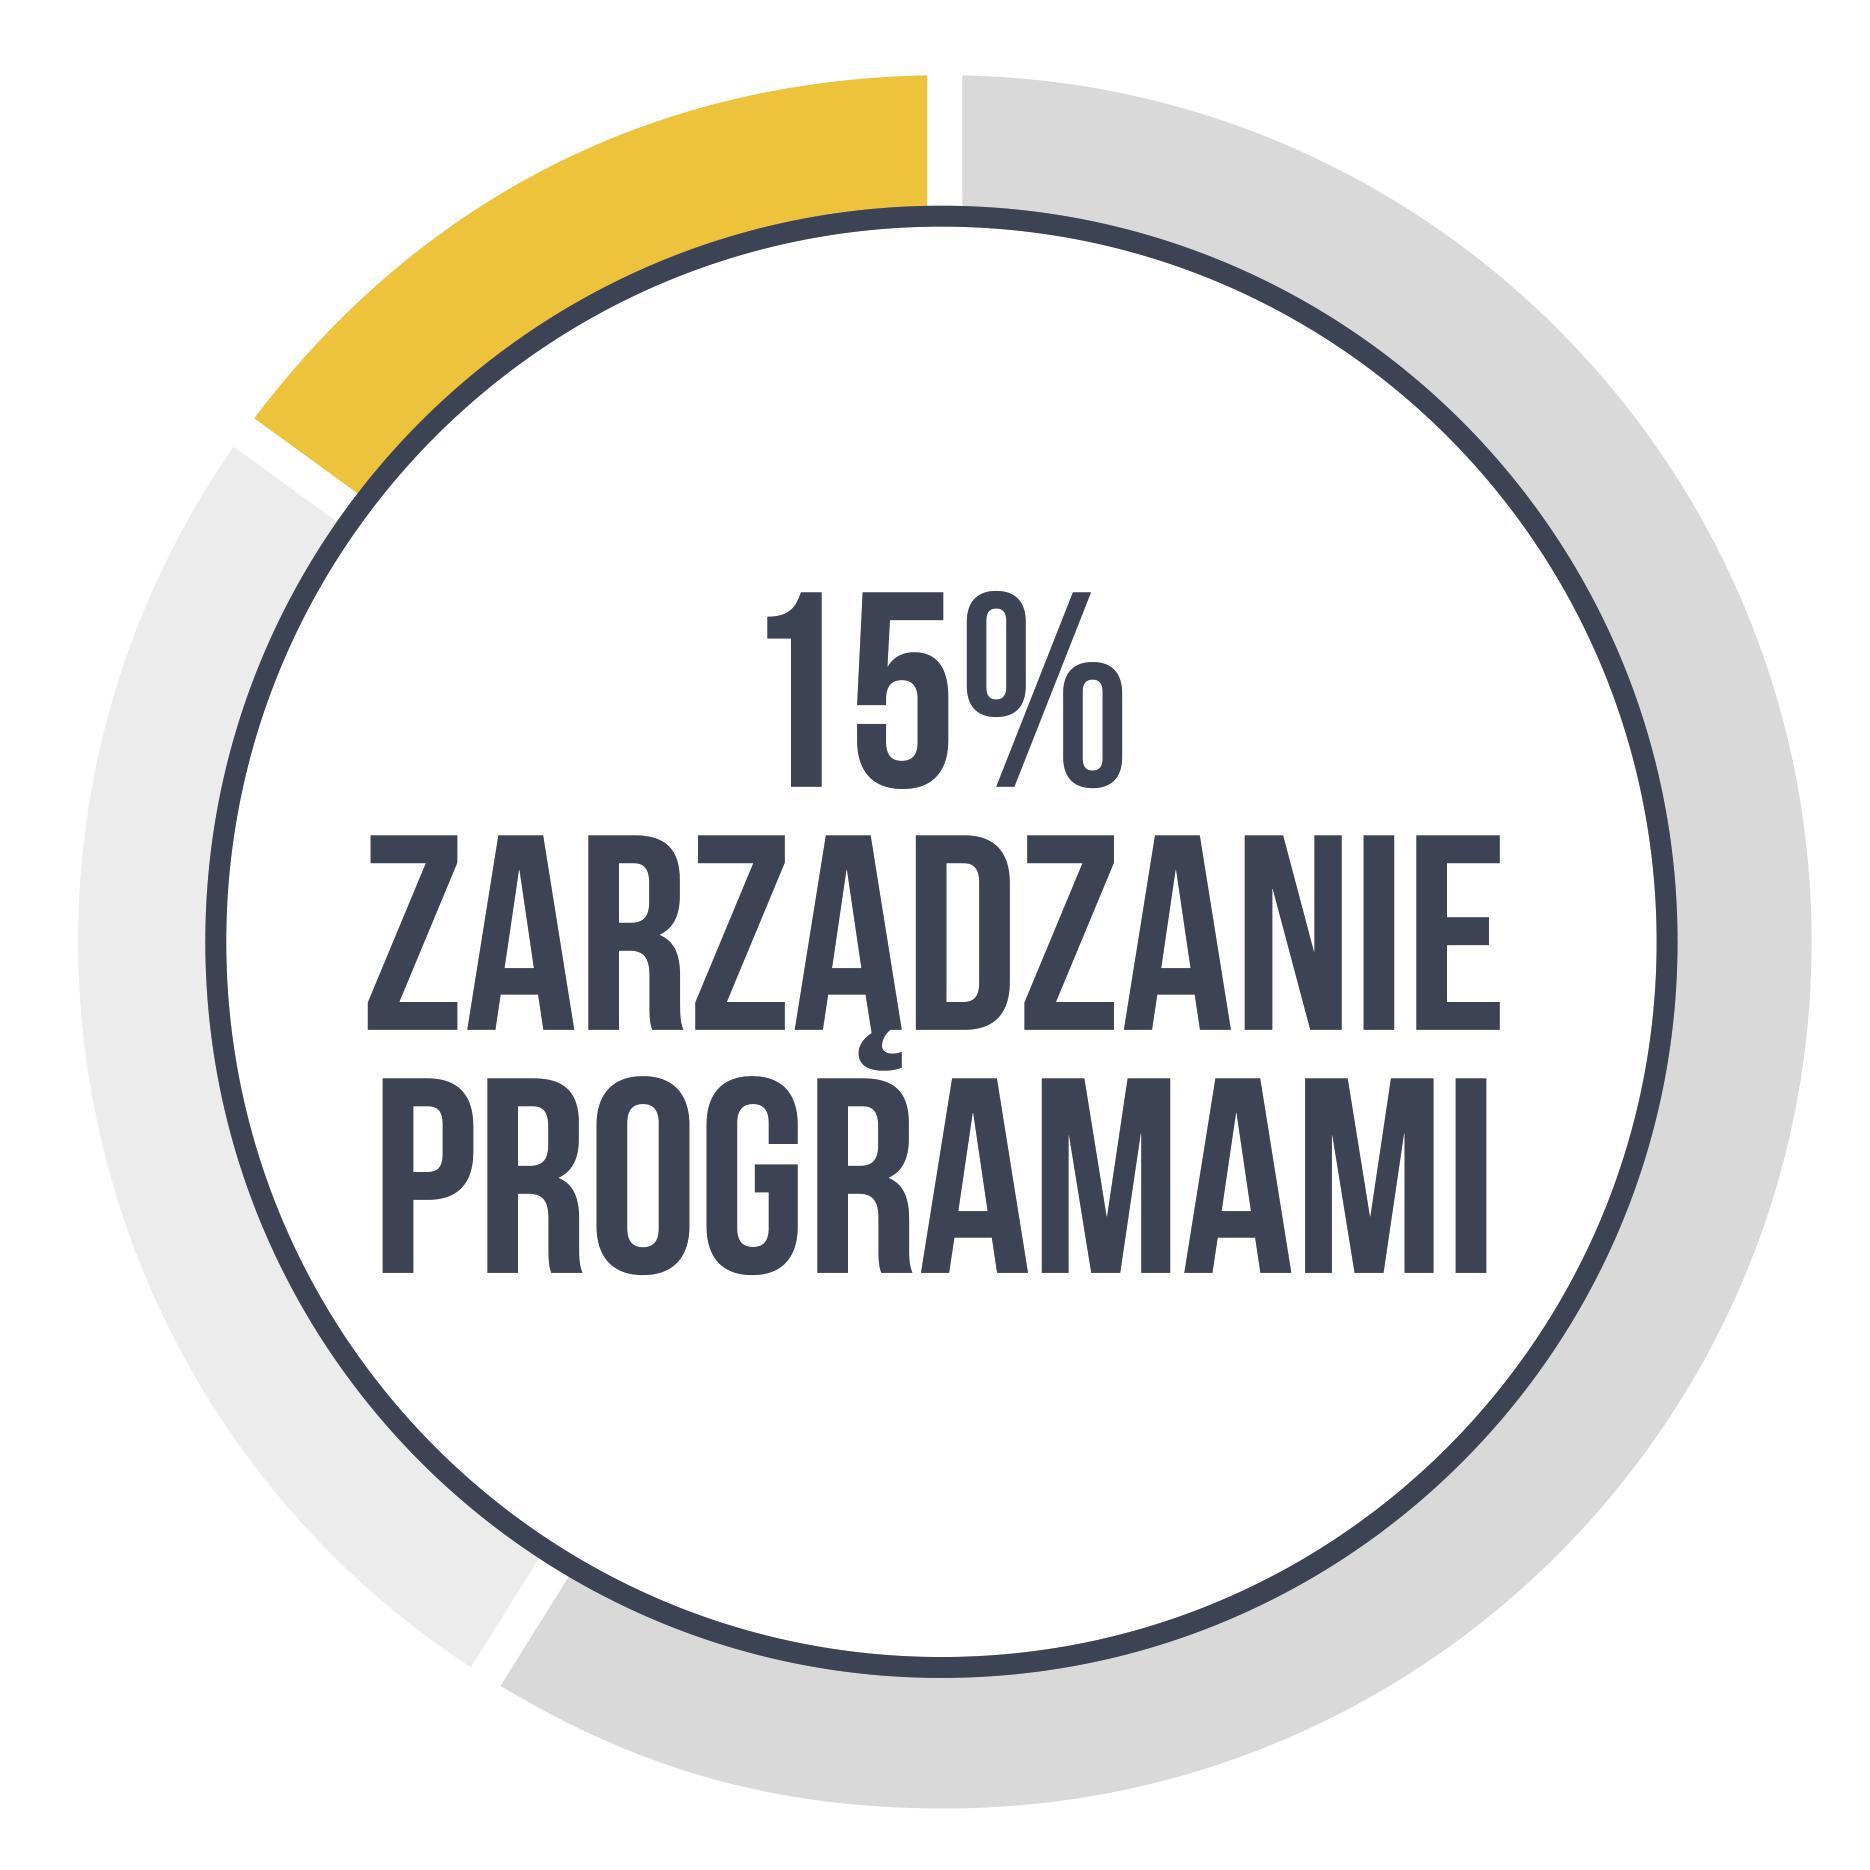 Zarządzanie programami